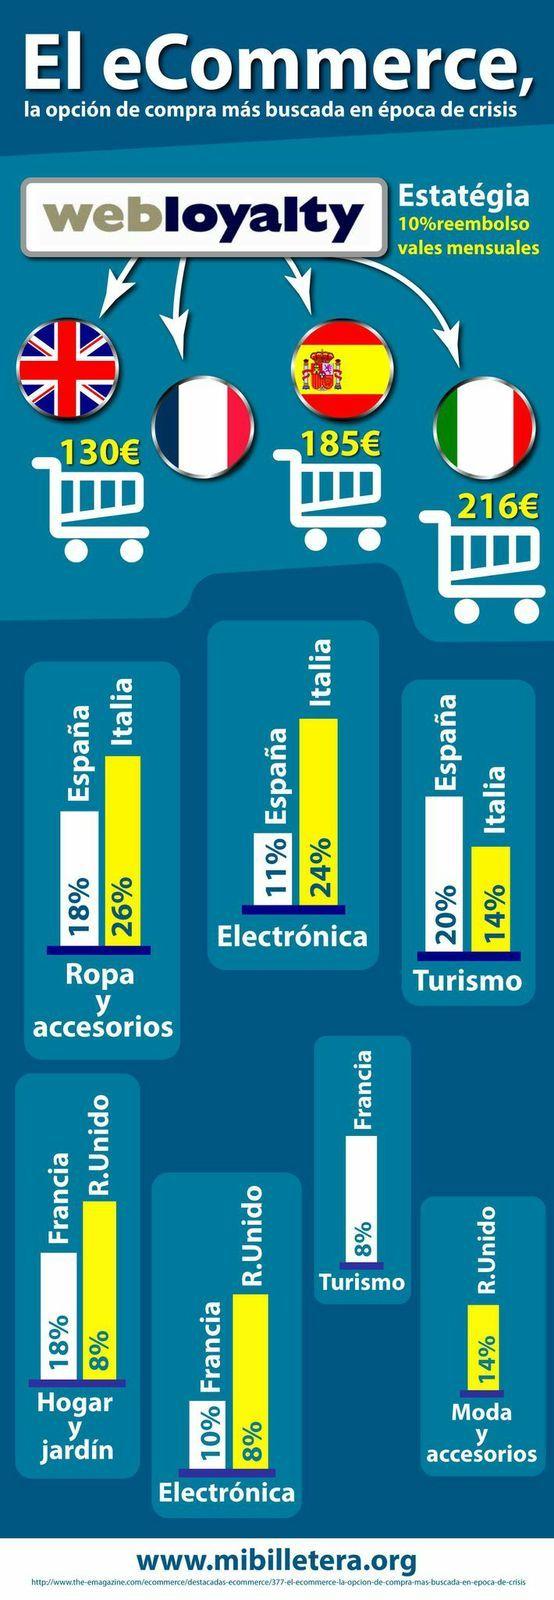 El ecommerce, la opción de compra más buscada en época de crisis Visita www.mibilletera.org